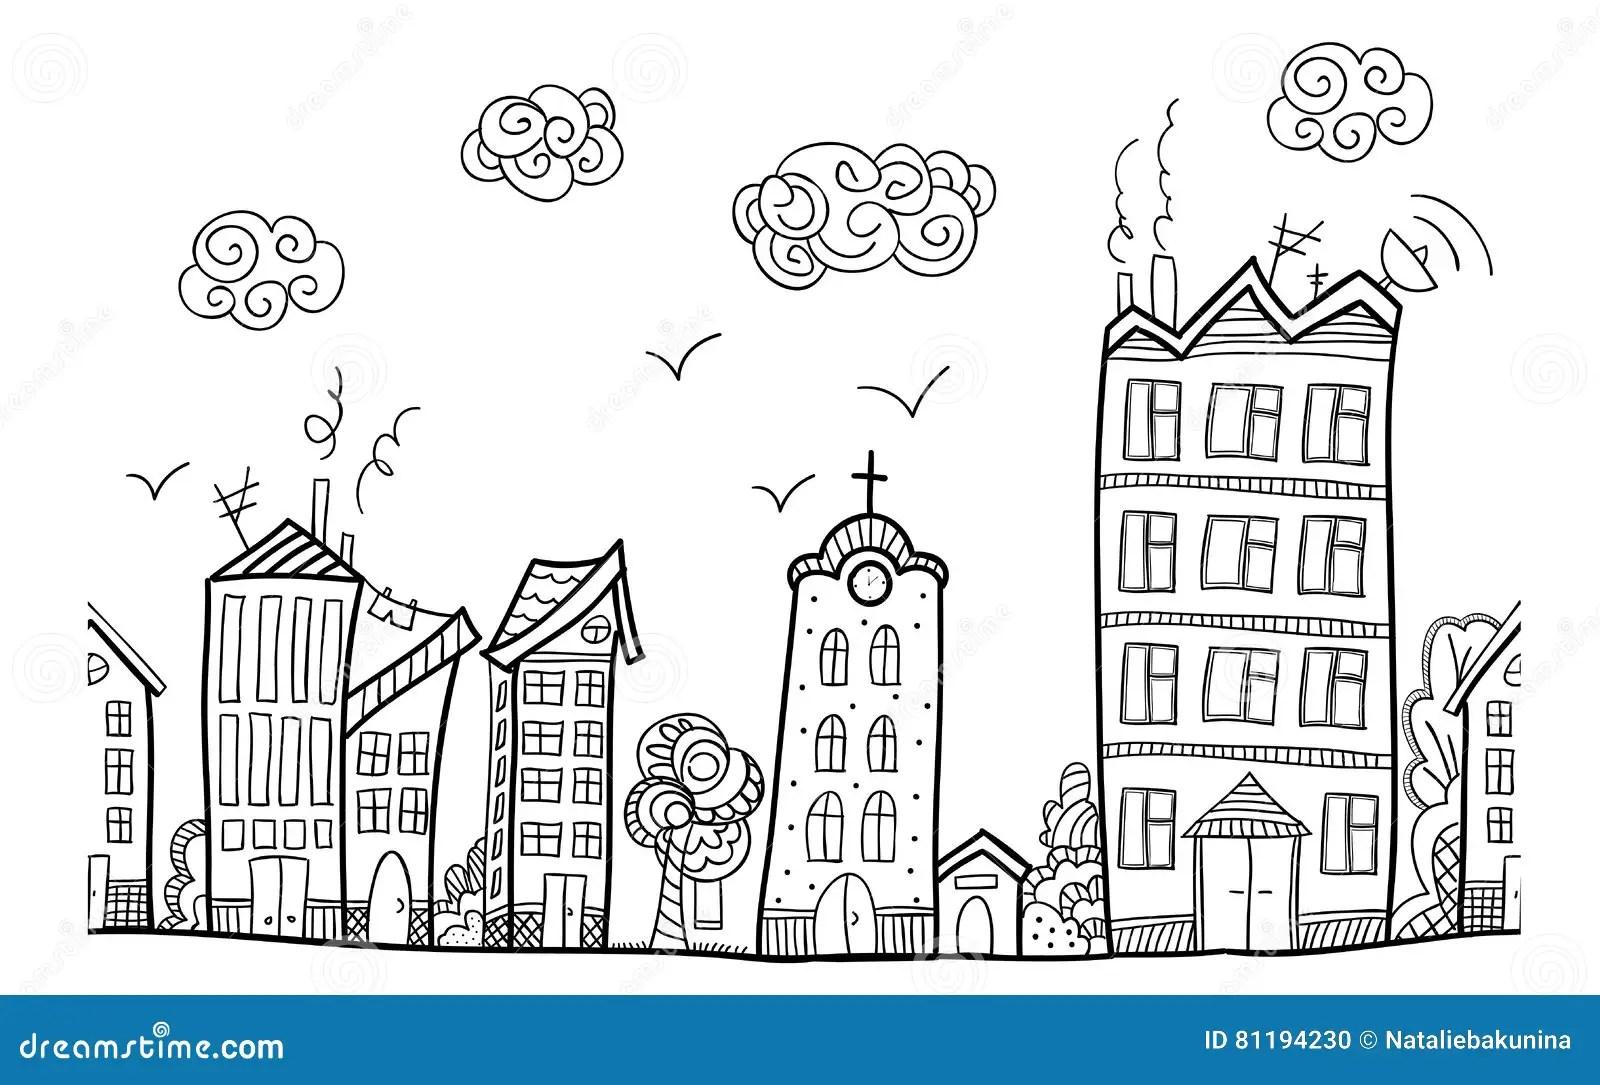 Ghost Town Worksheet